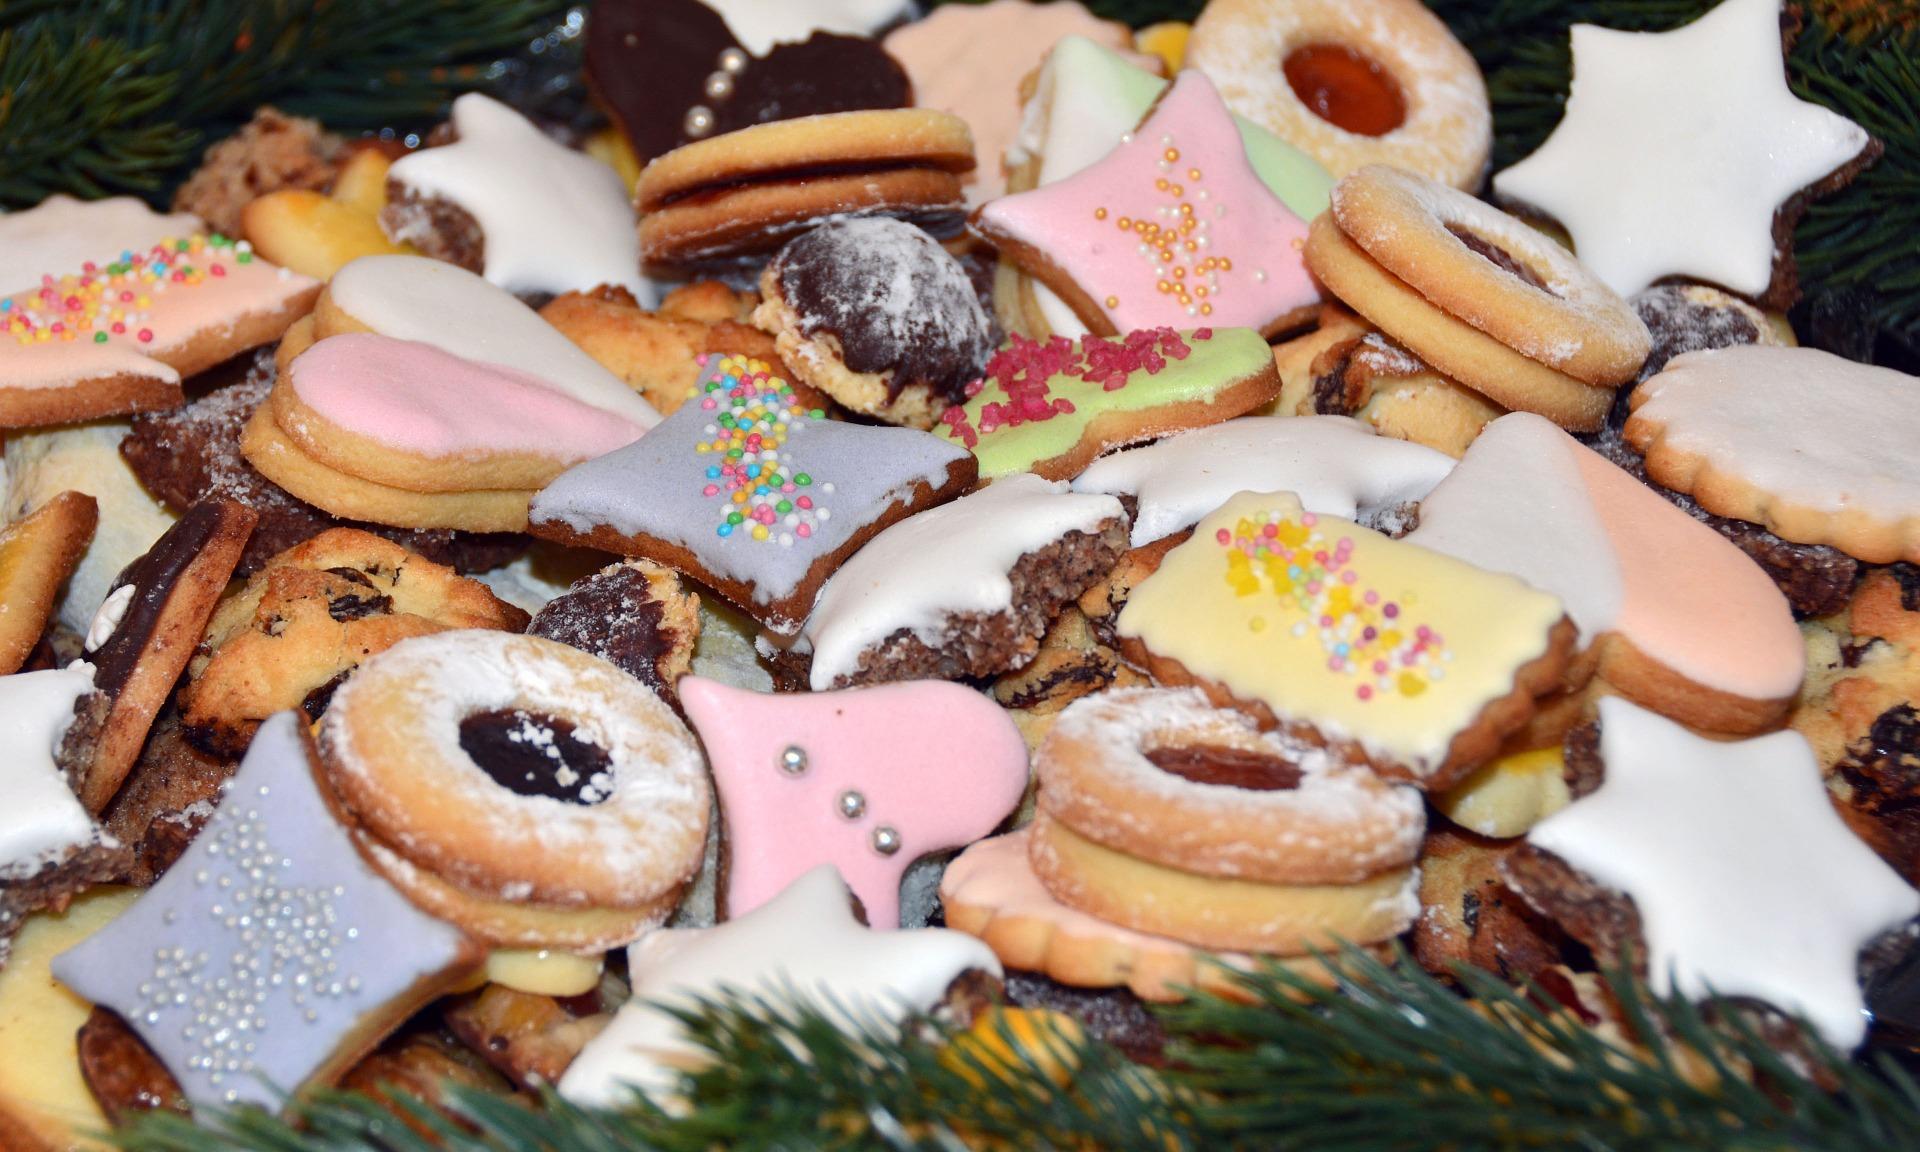 Traditionelle Weihnachtskekse österreich.Christkindl Weihnachtsmärkte 2016 In Wien Classic Hotel Wien